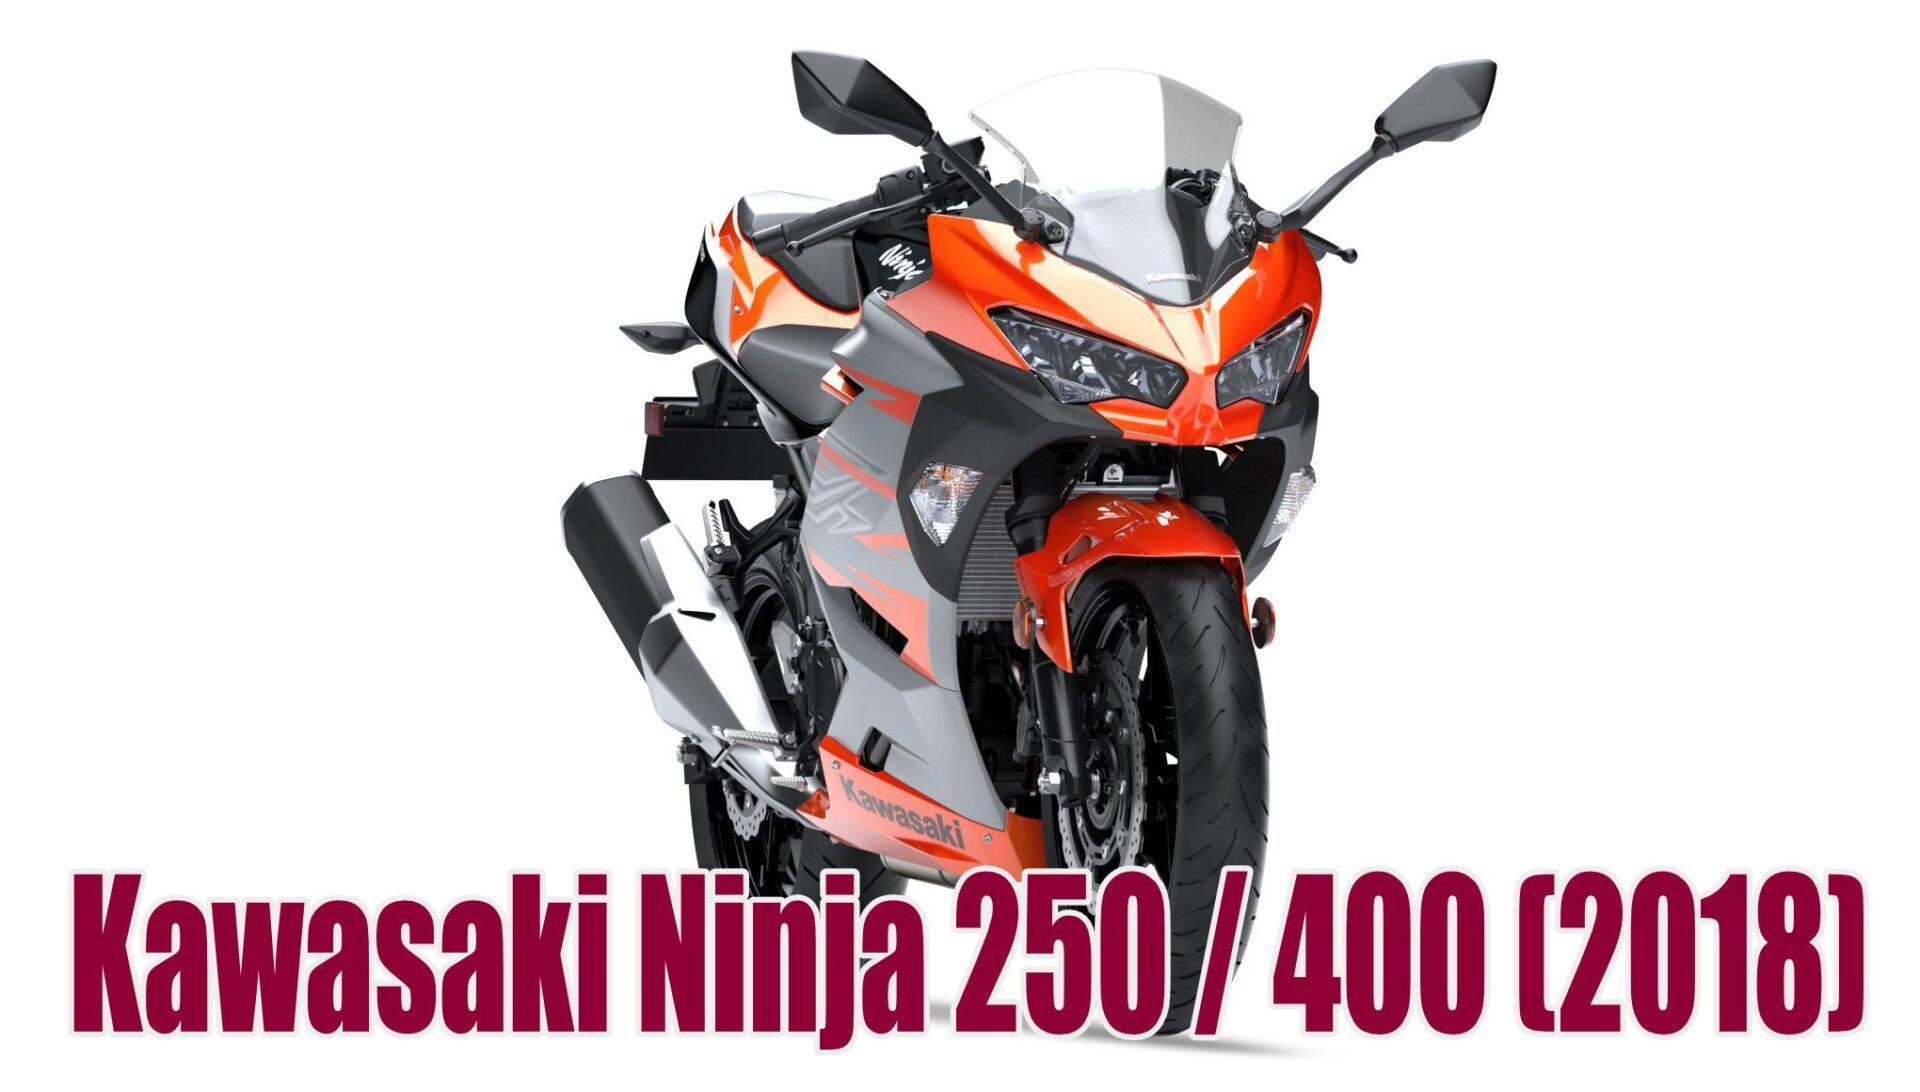 軽量パワフルになった「Ninja 250」と250と車体共通になった「Ninja 400」2018年モデル